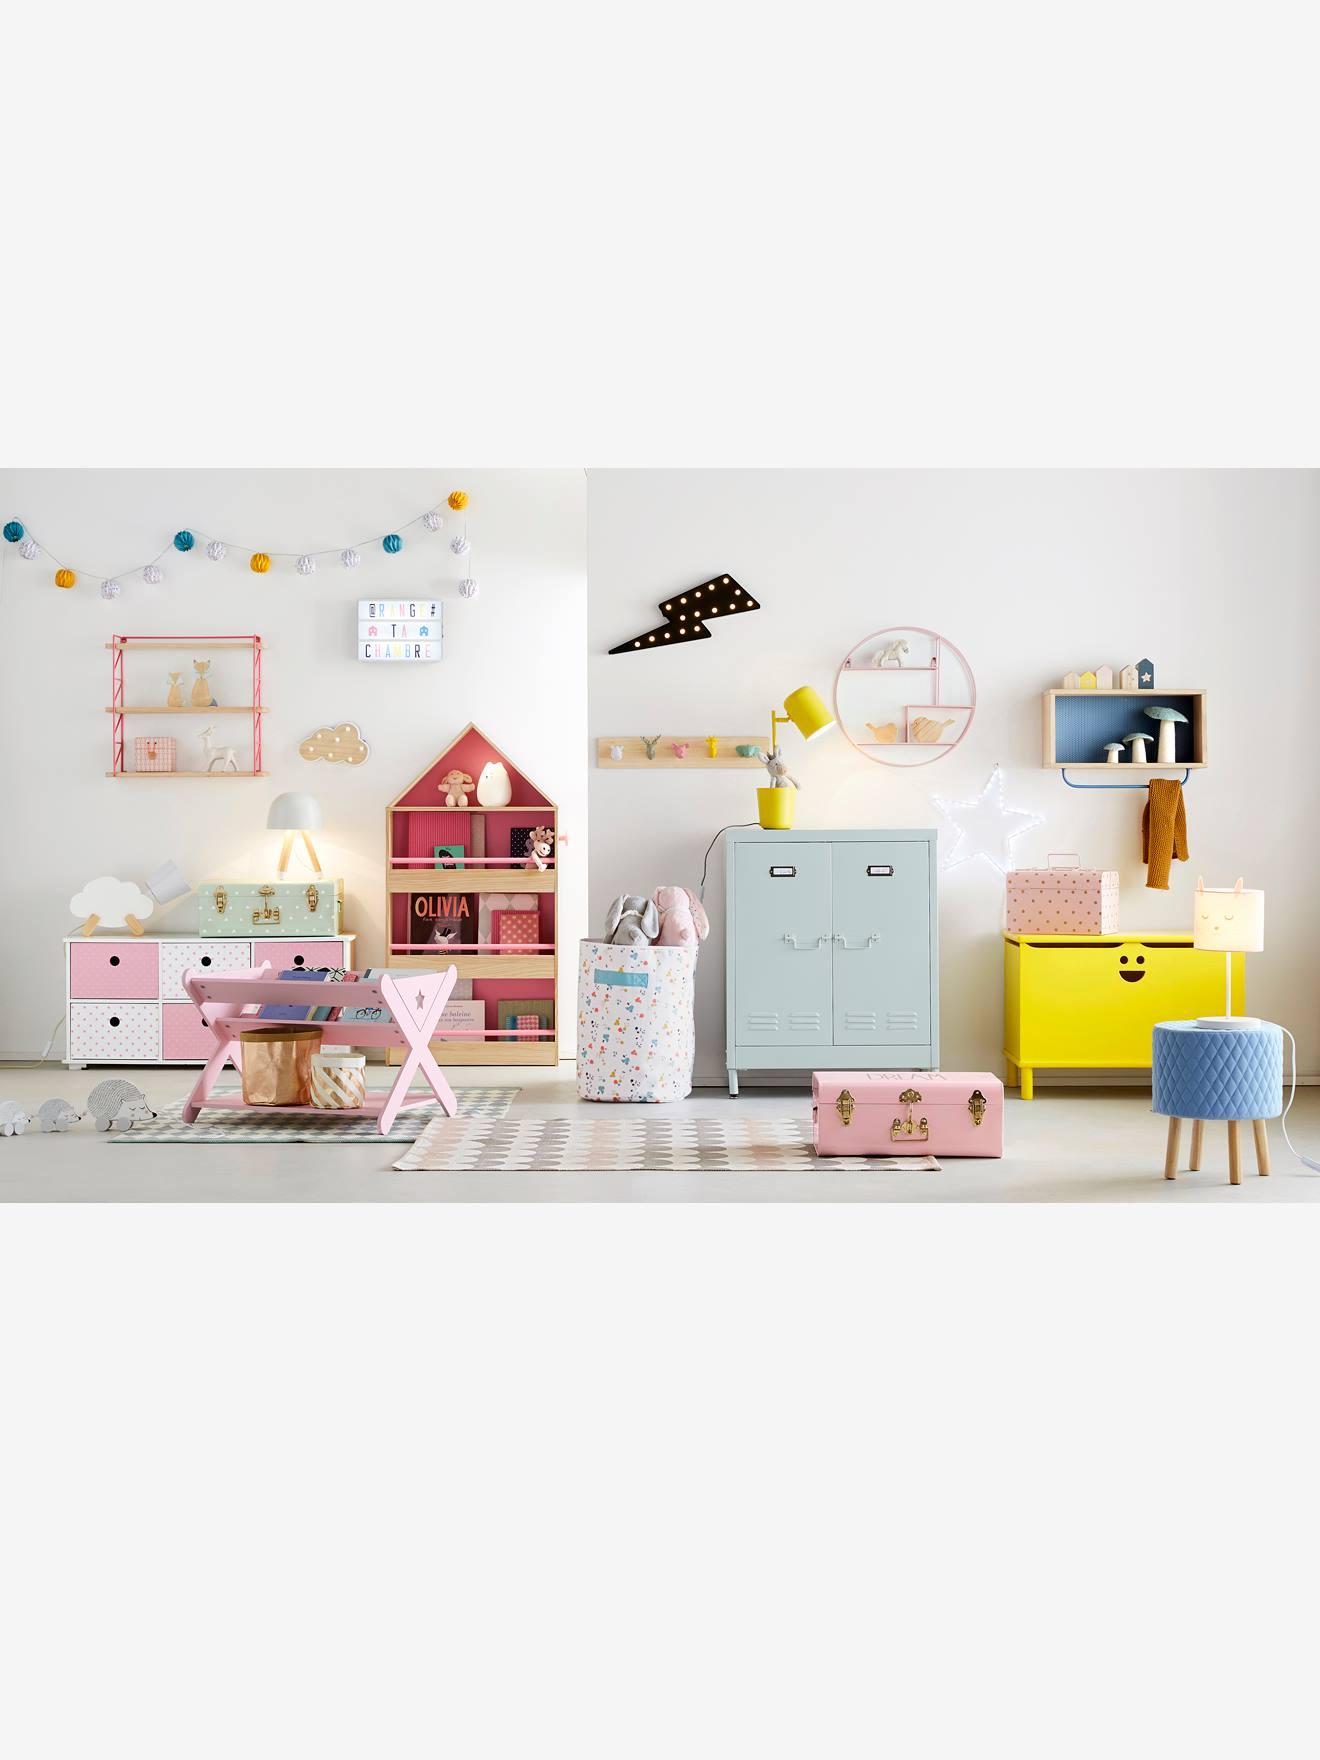 100 gagnez une carte cadeau maisons carte cadeau leroy merlin illustration que vraiment. Black Bedroom Furniture Sets. Home Design Ideas